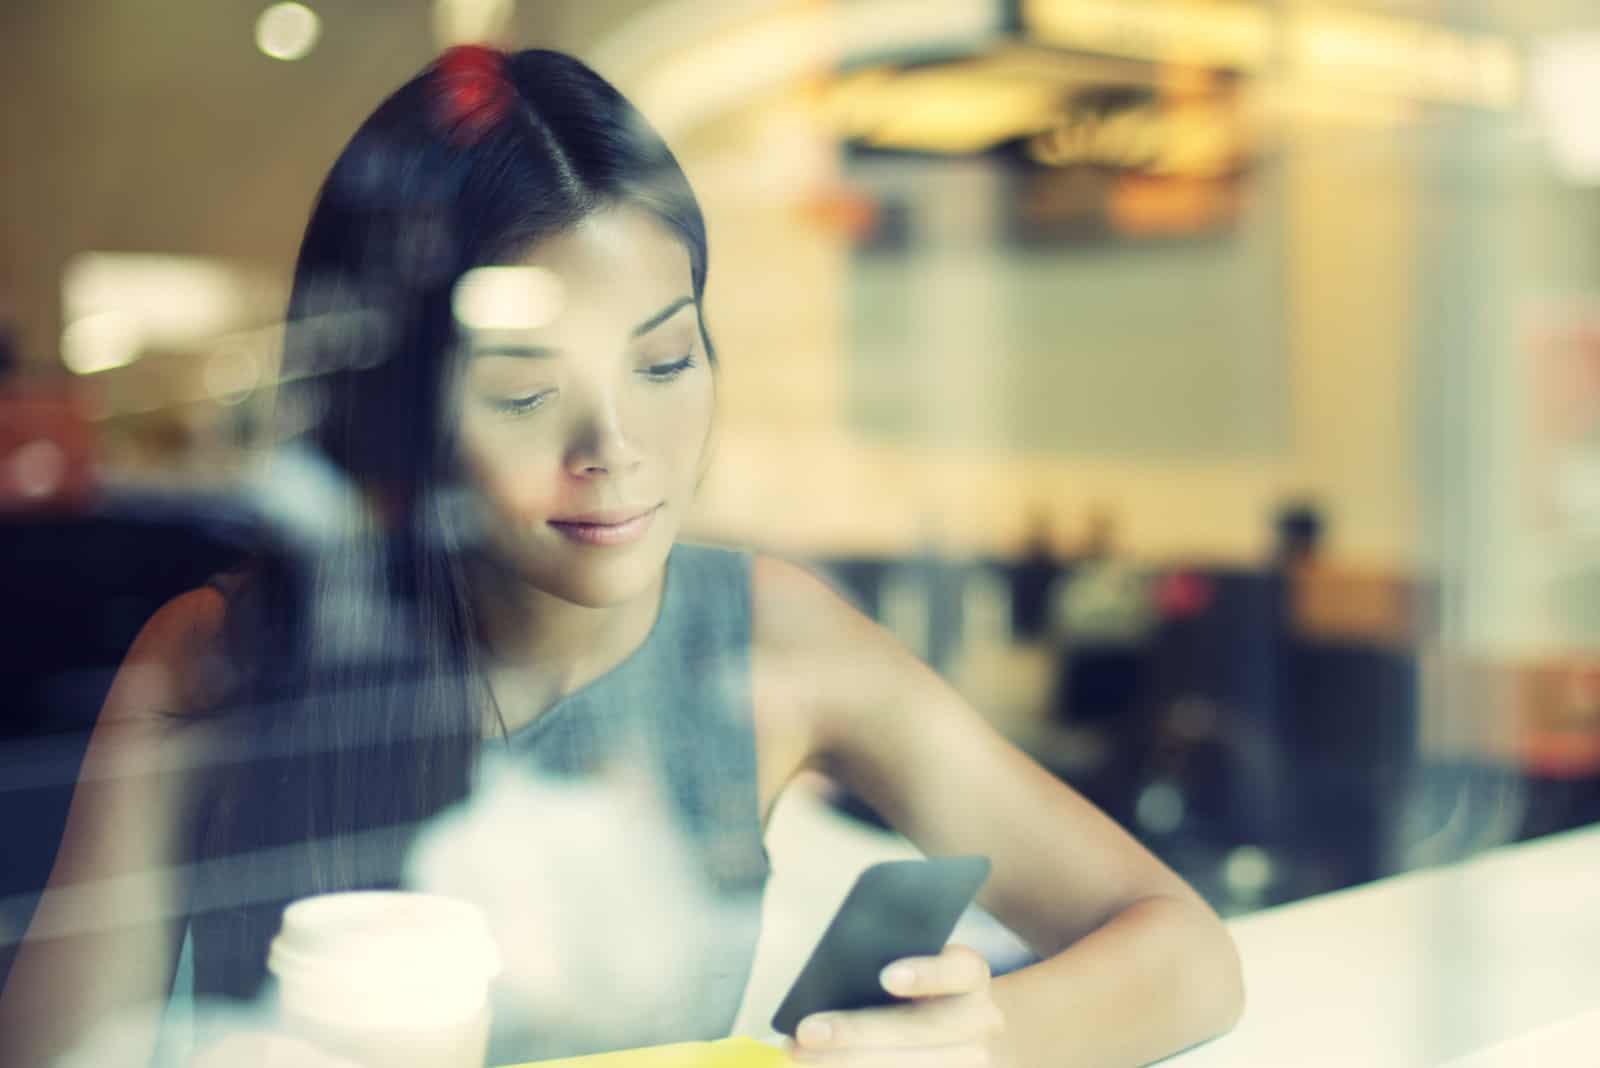 la femme est assise dans un café tenant un téléphone à la main